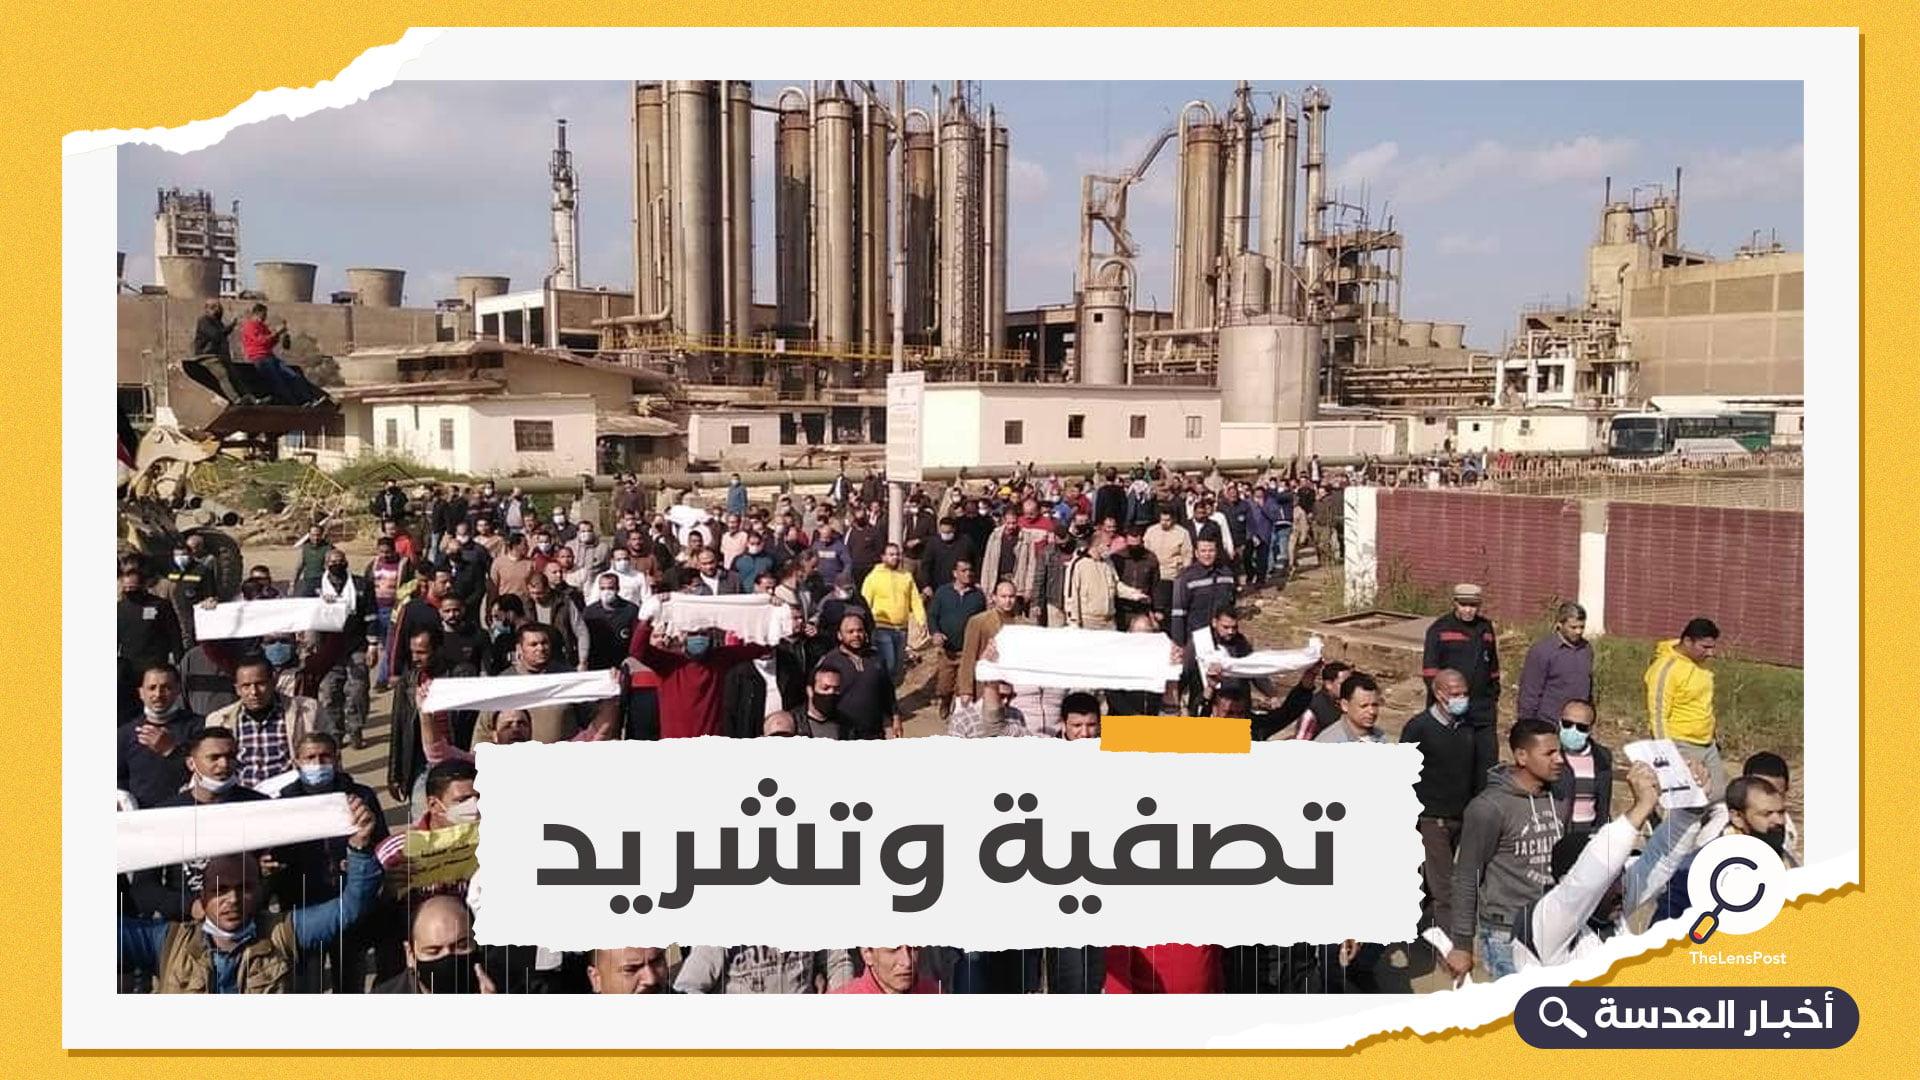 بعد اعتصامهم لوقف بيع المصنع.. اعتقال 9 عمال بشركة الدلتا للأسمدة في مصر